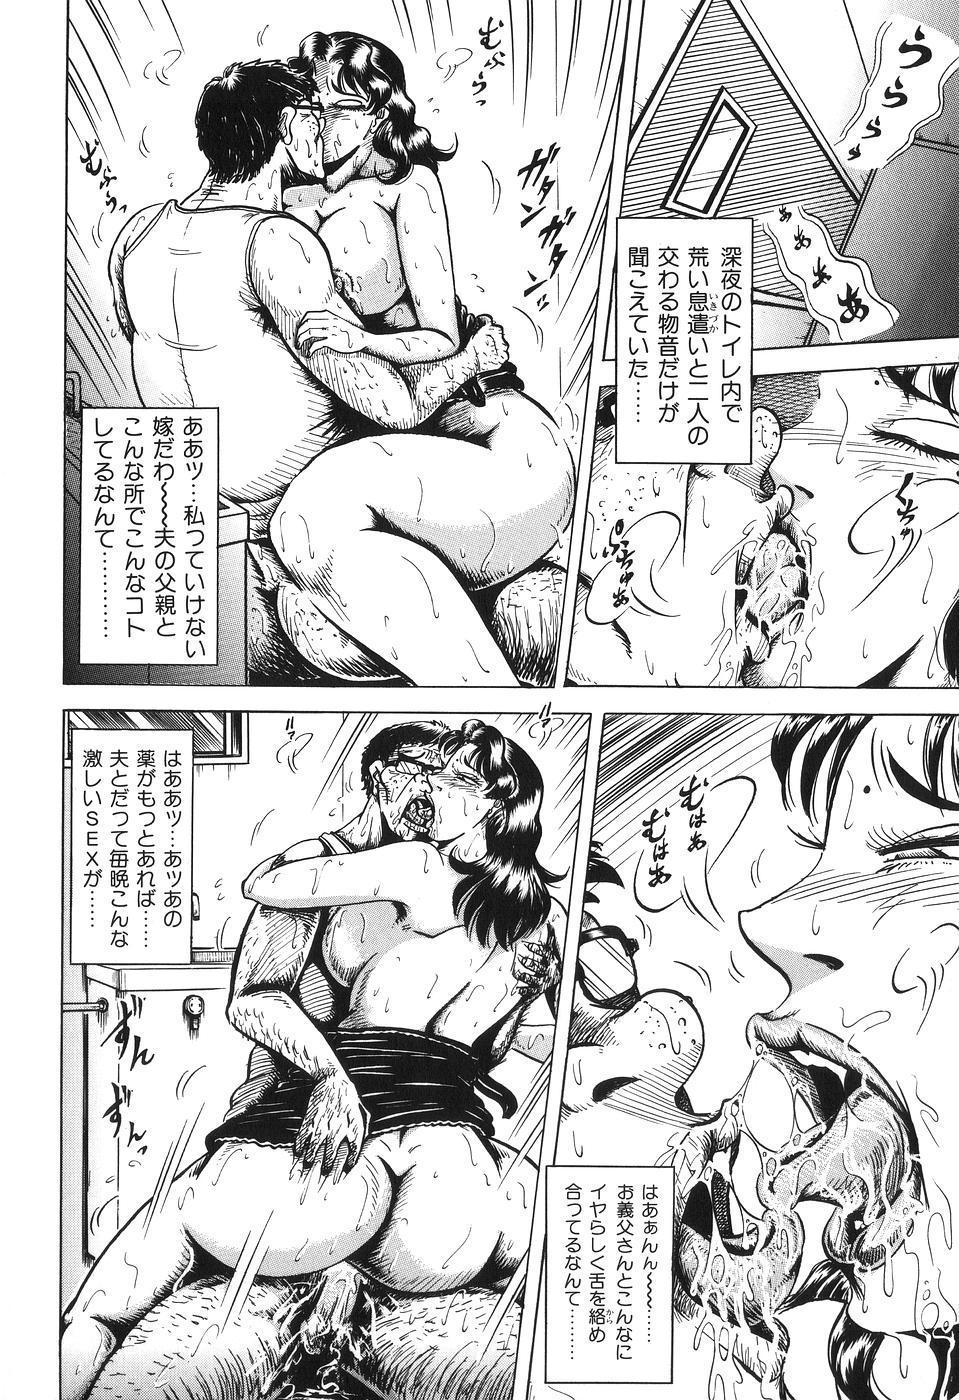 Jukubo Soukan Yosoji no Tawamure 49